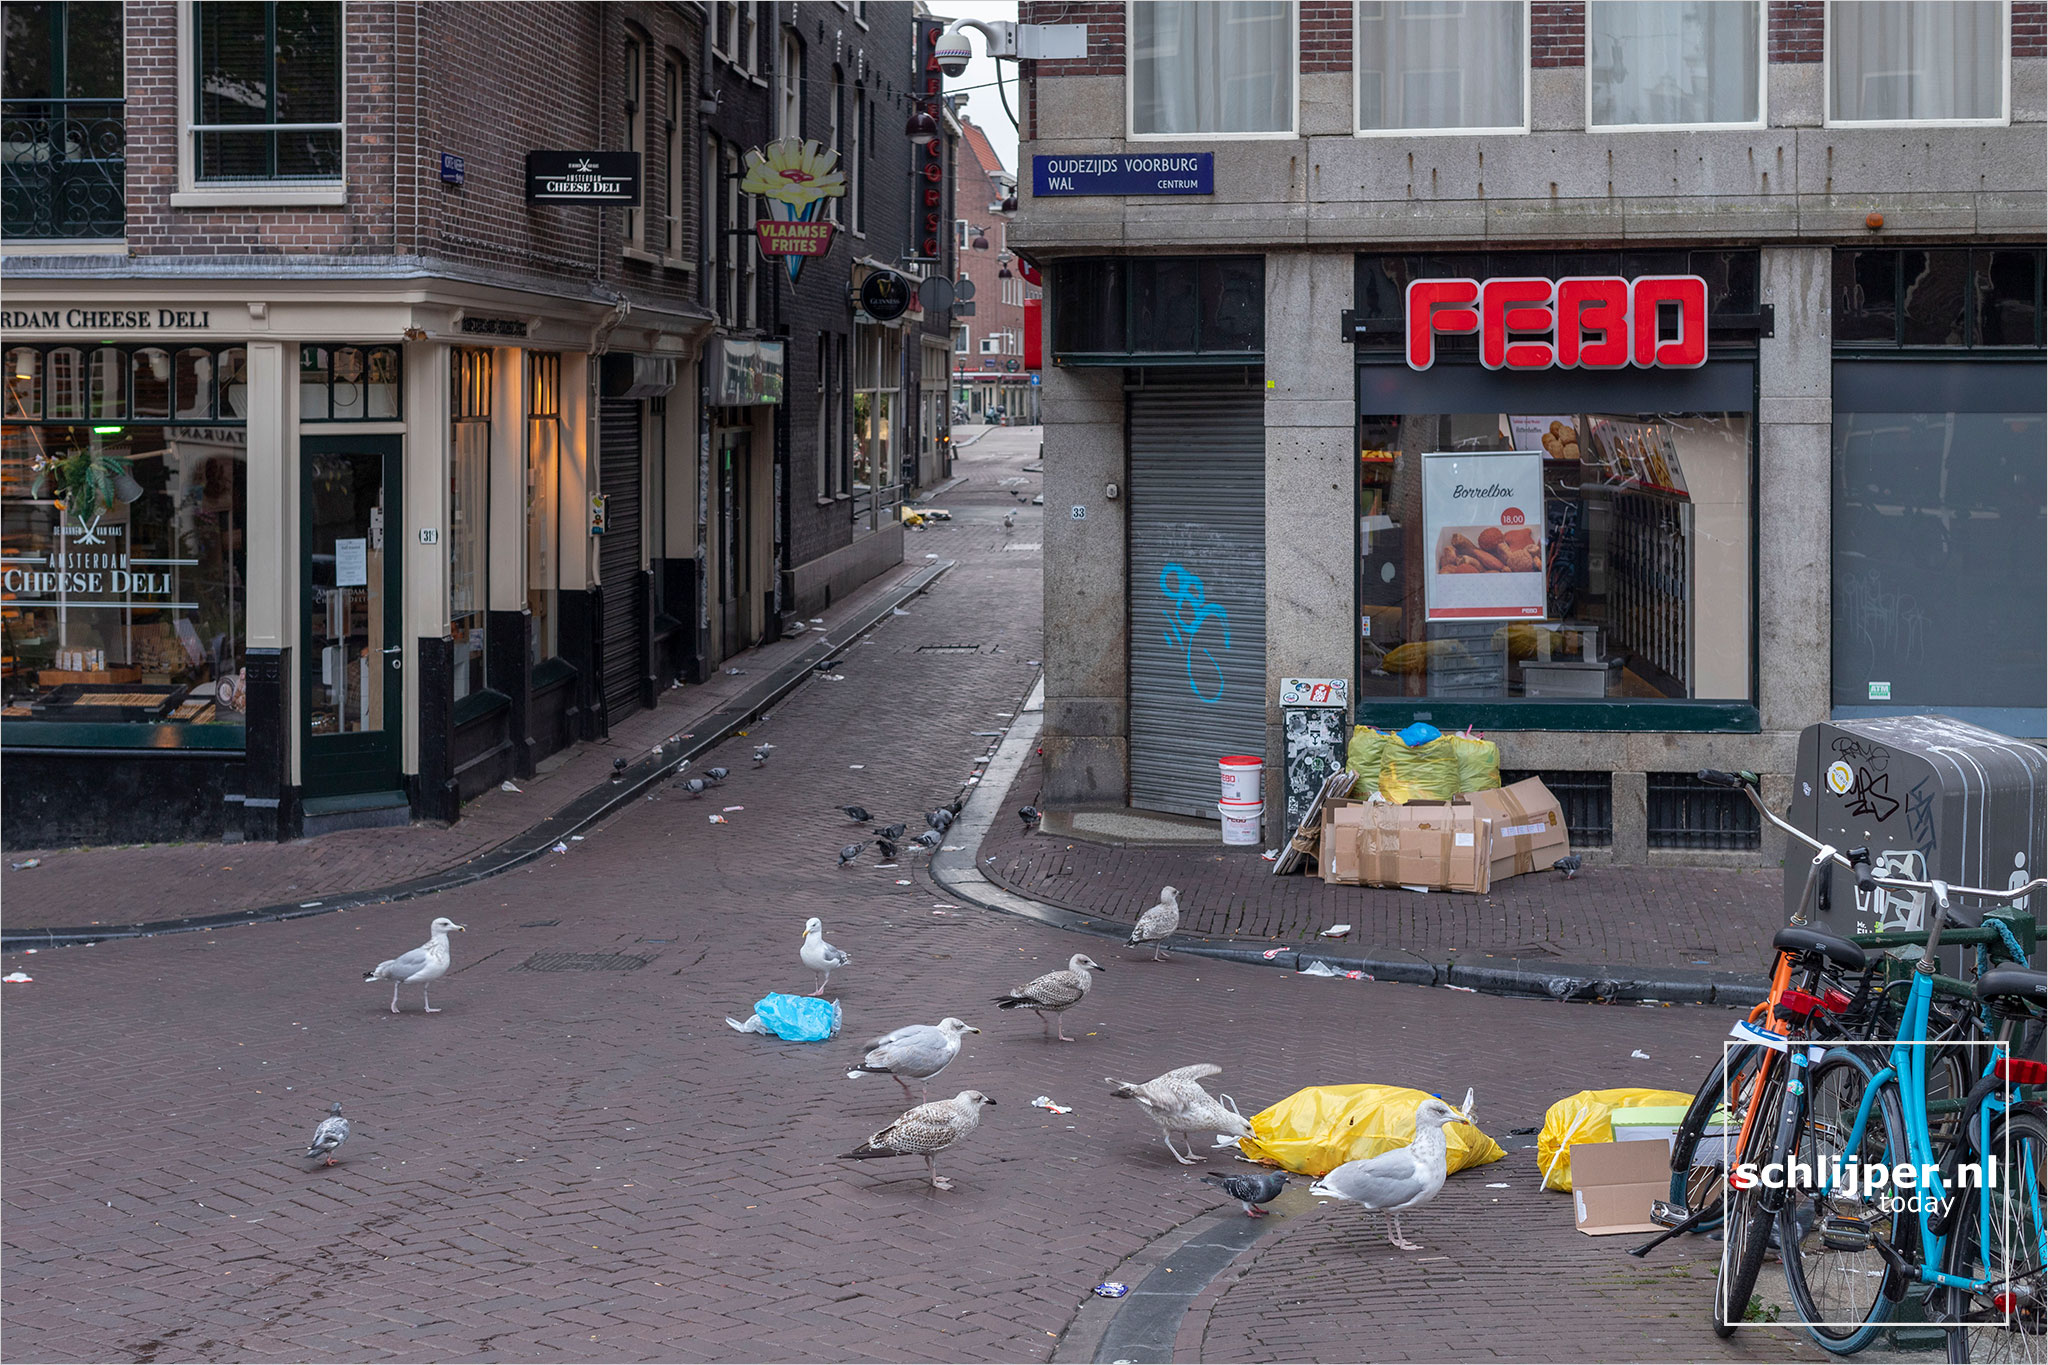 The Netherlands, Amsterdam, 25 september 2021